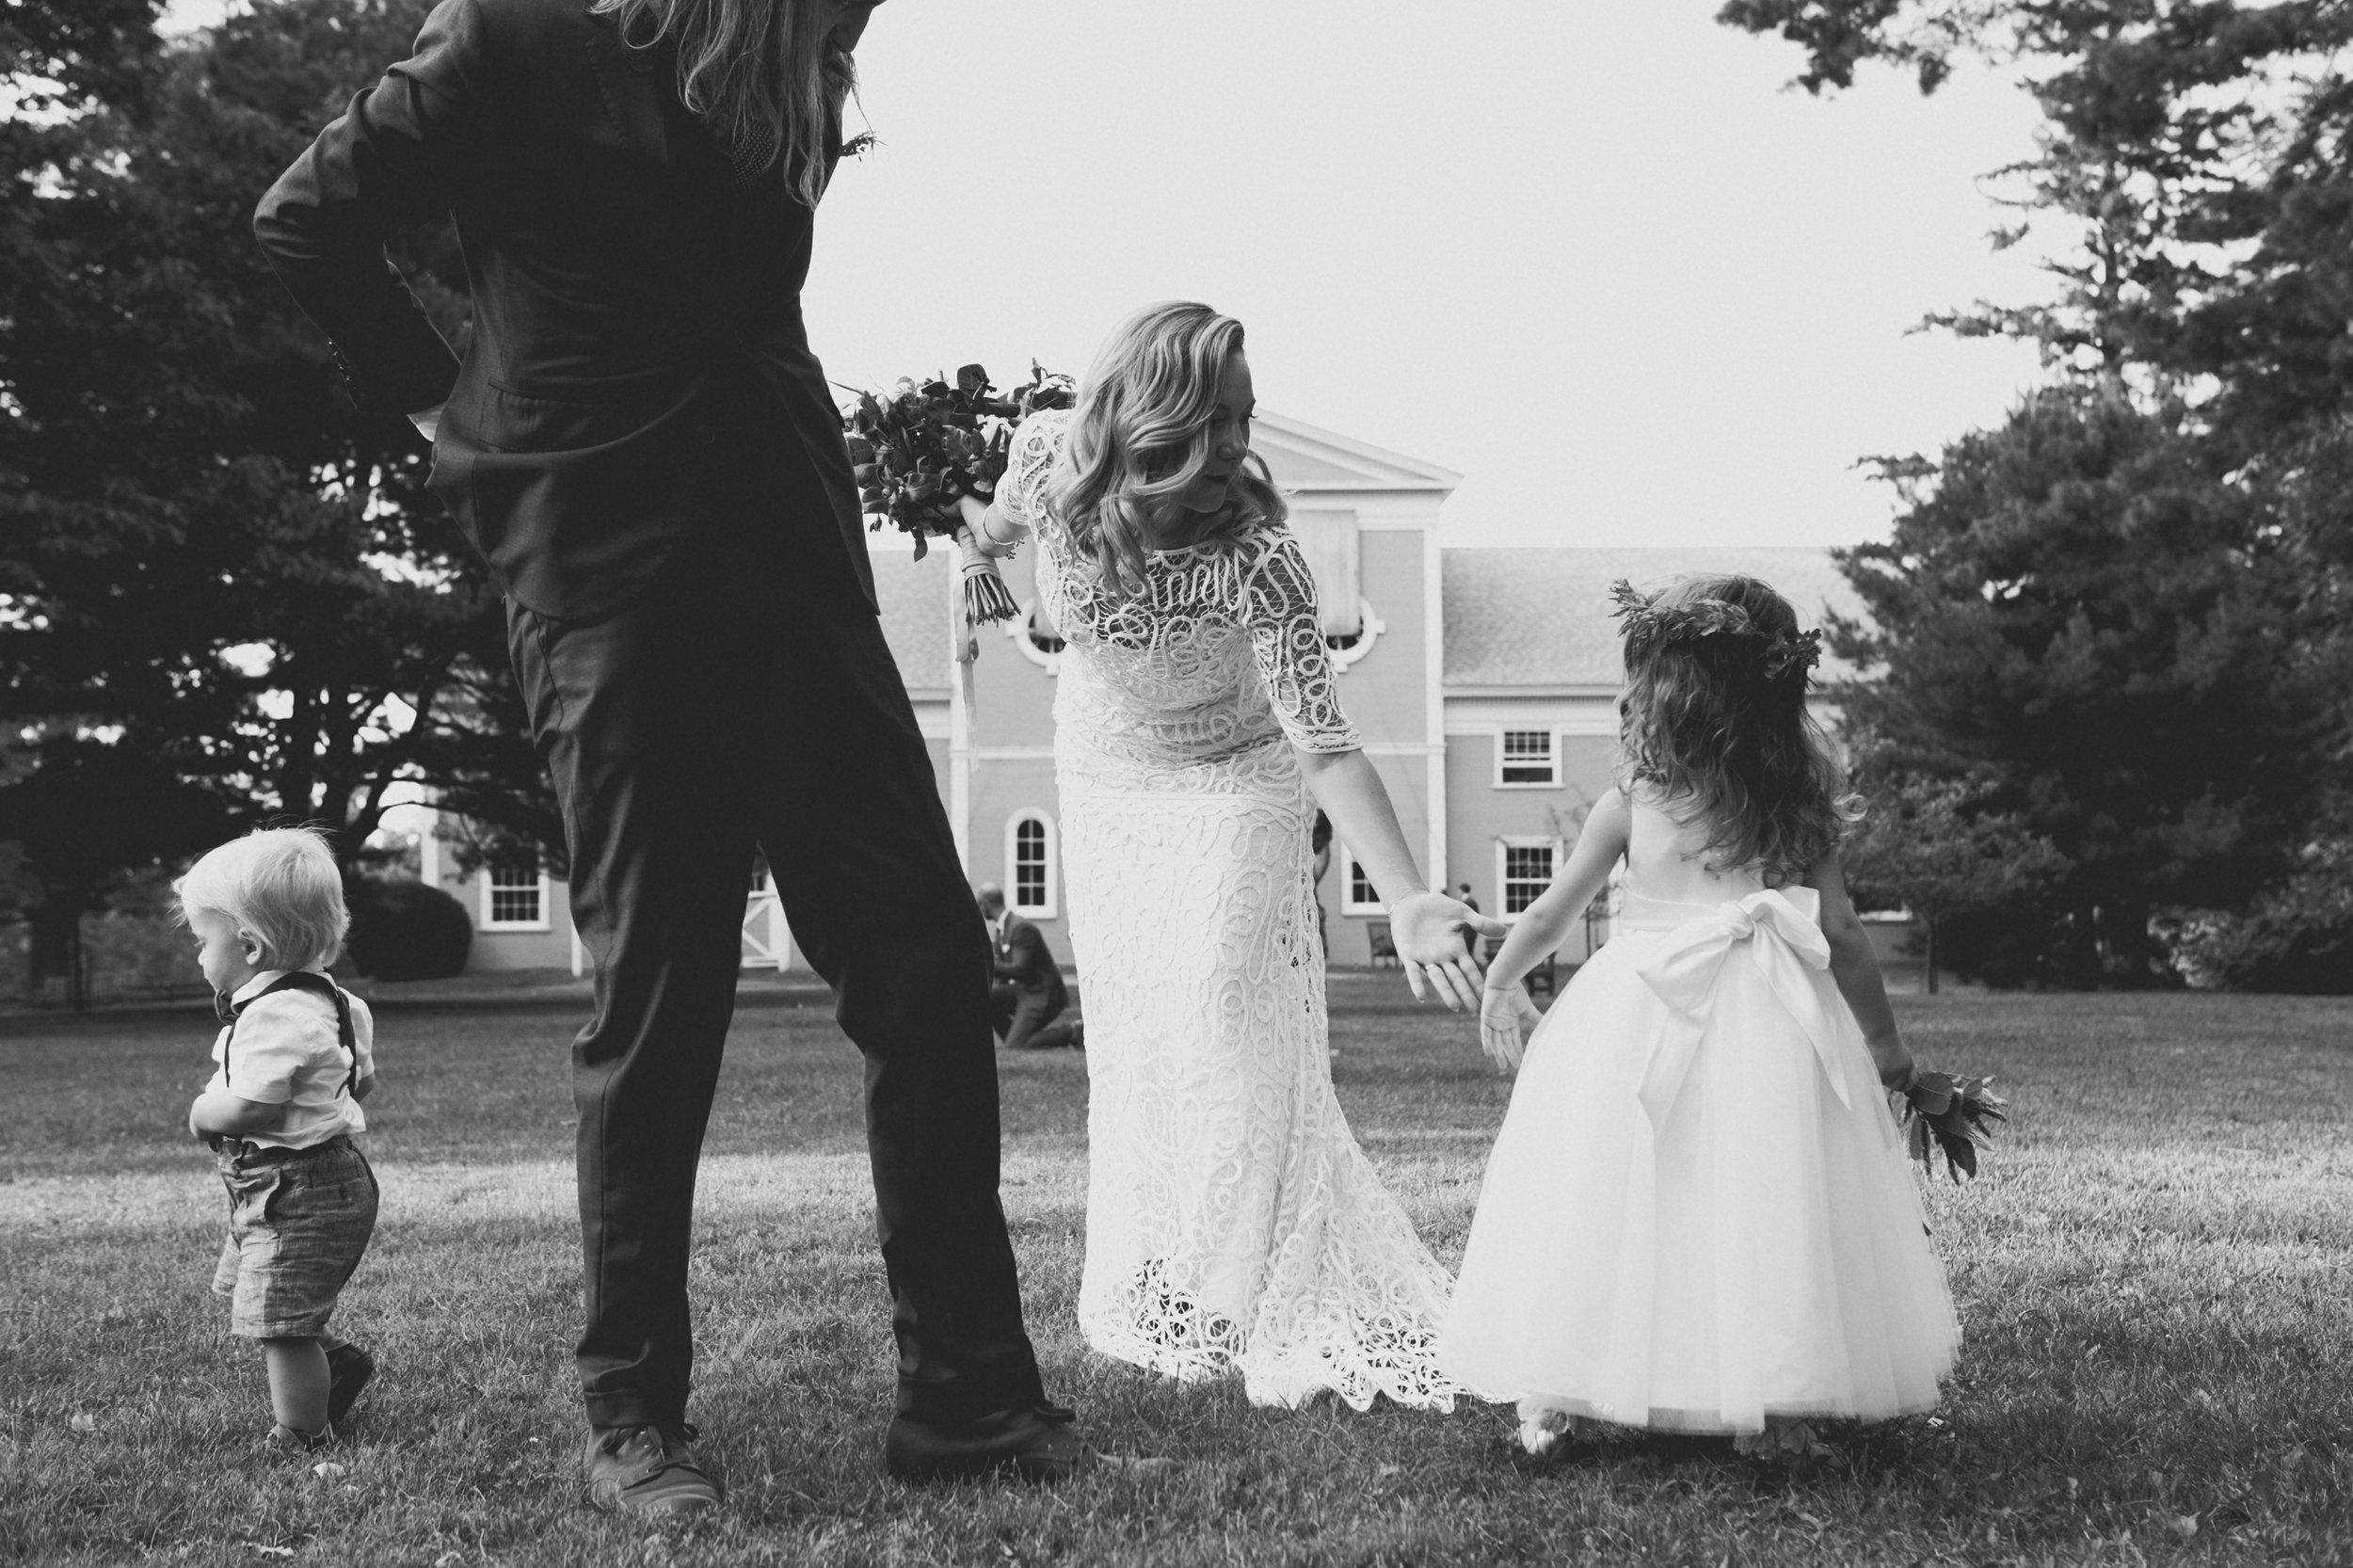 Em_and_Ax_00_wedding-447.jpg